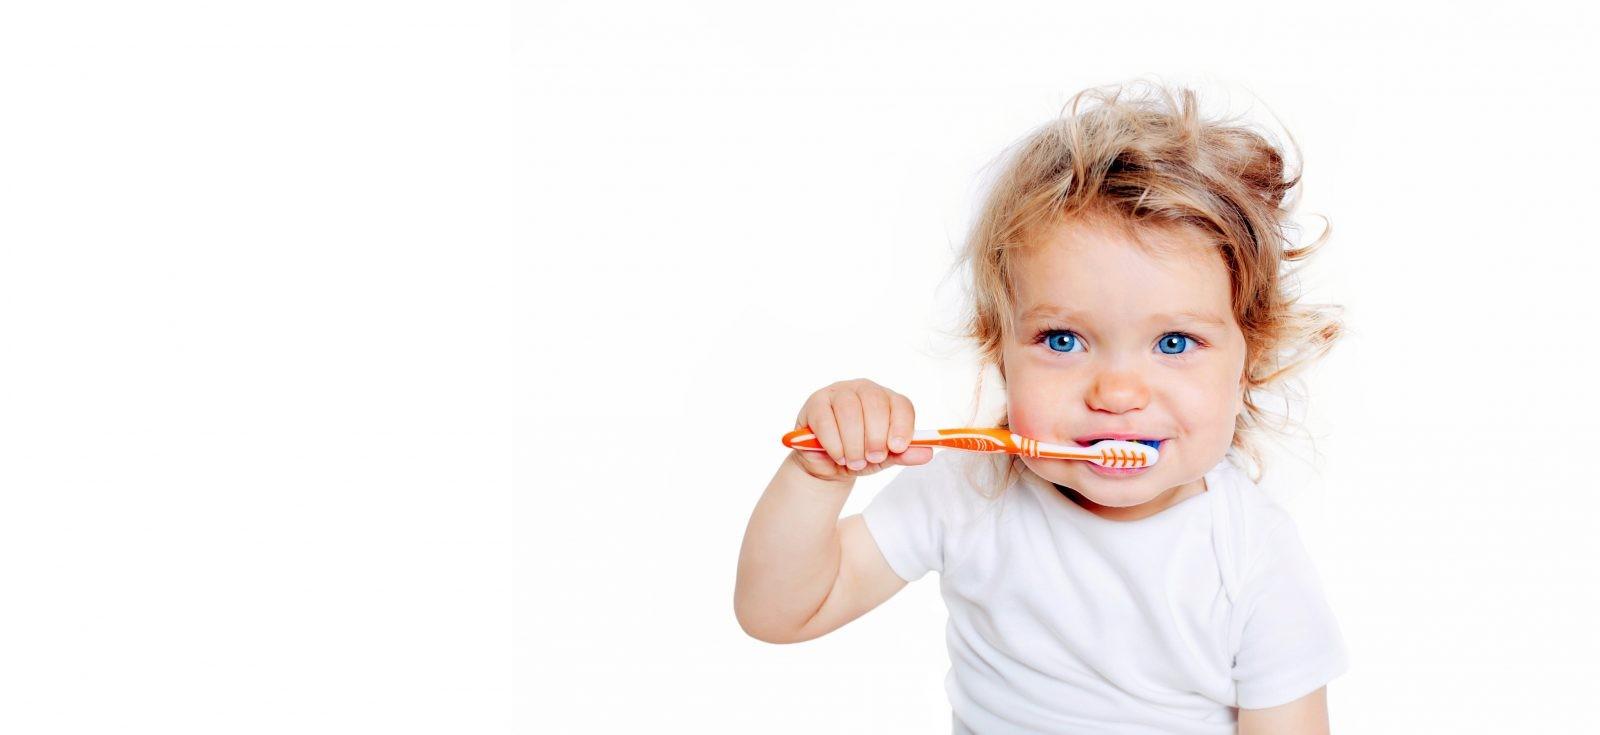 Dental Hygiene | Massco Dental